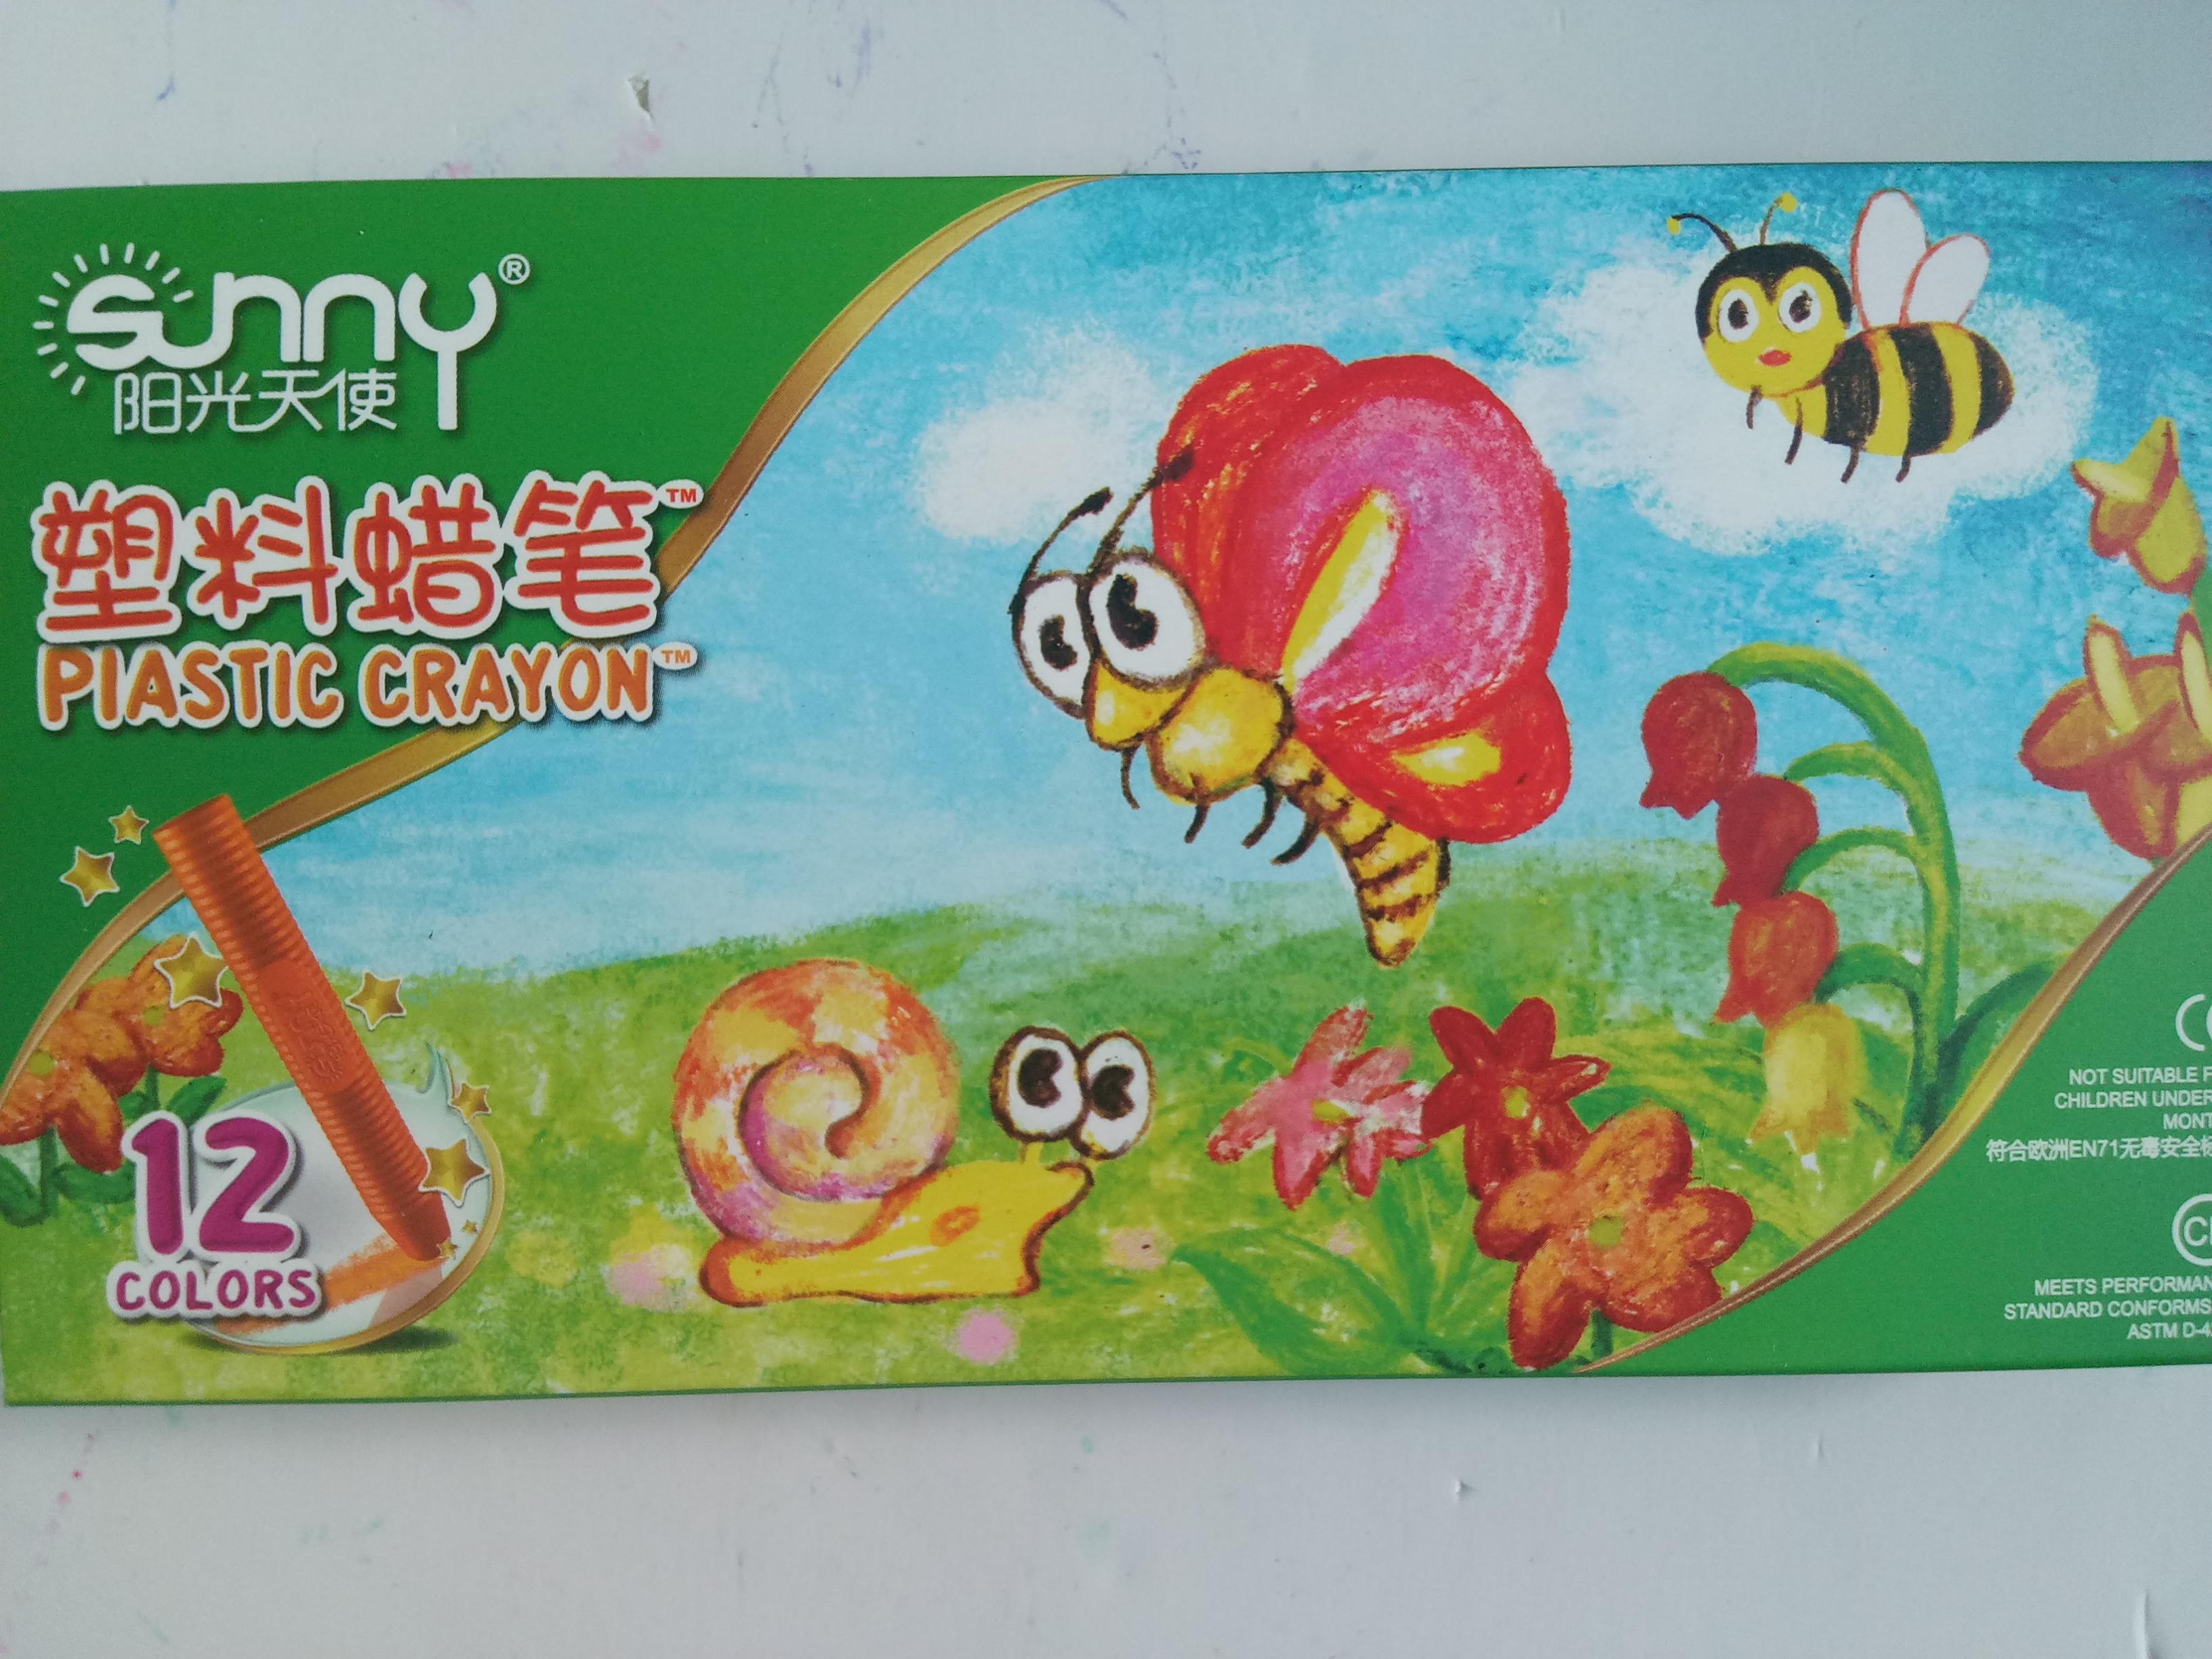 阳光天使 塑料蜡笔 12色18色24色 安全无毒无味 绘画环保 纸盒装